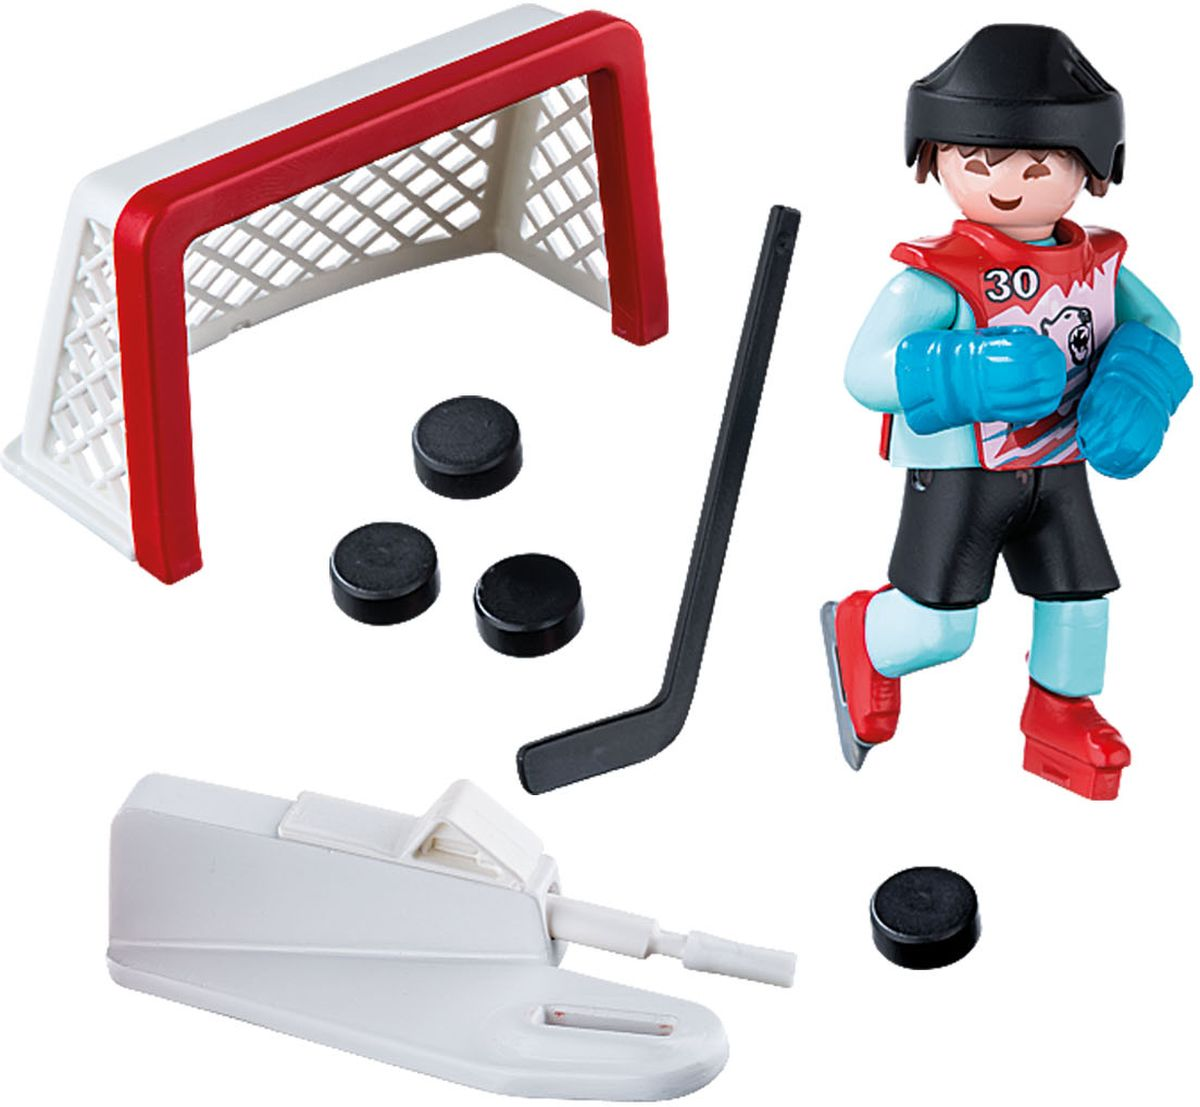 PlaymobilИгровой набор Тренировка хоккей Playmobil